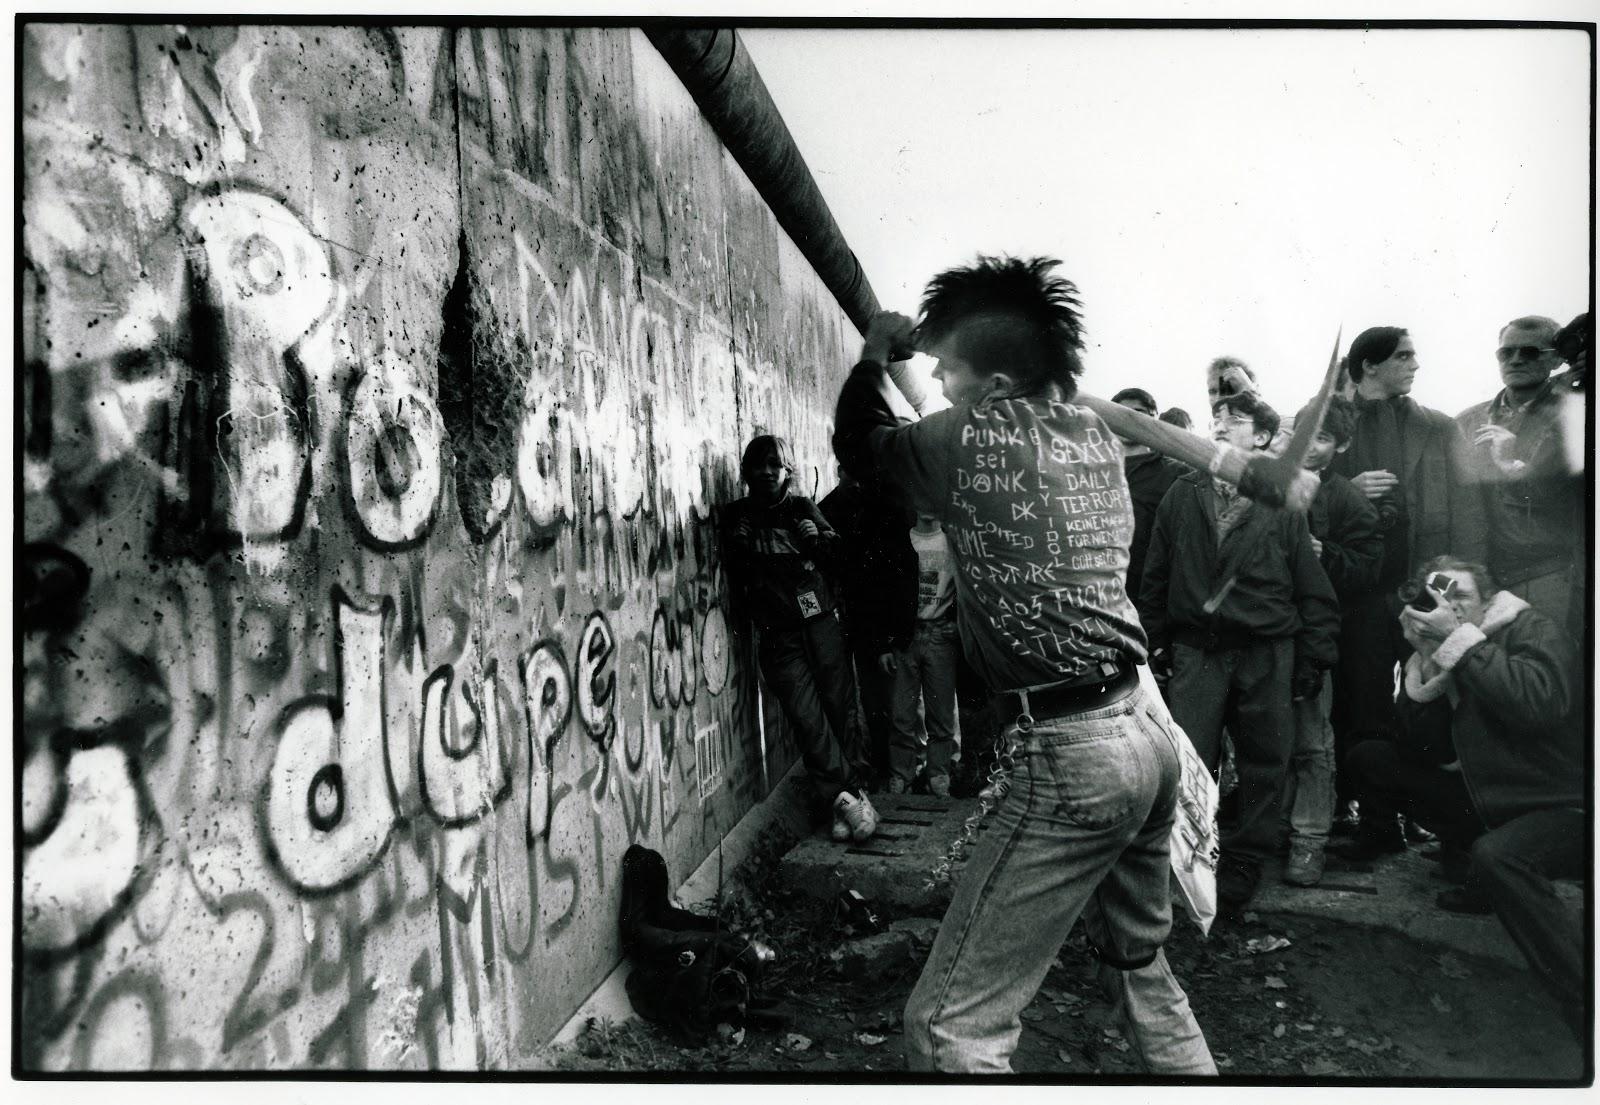 Punk Sei Dank